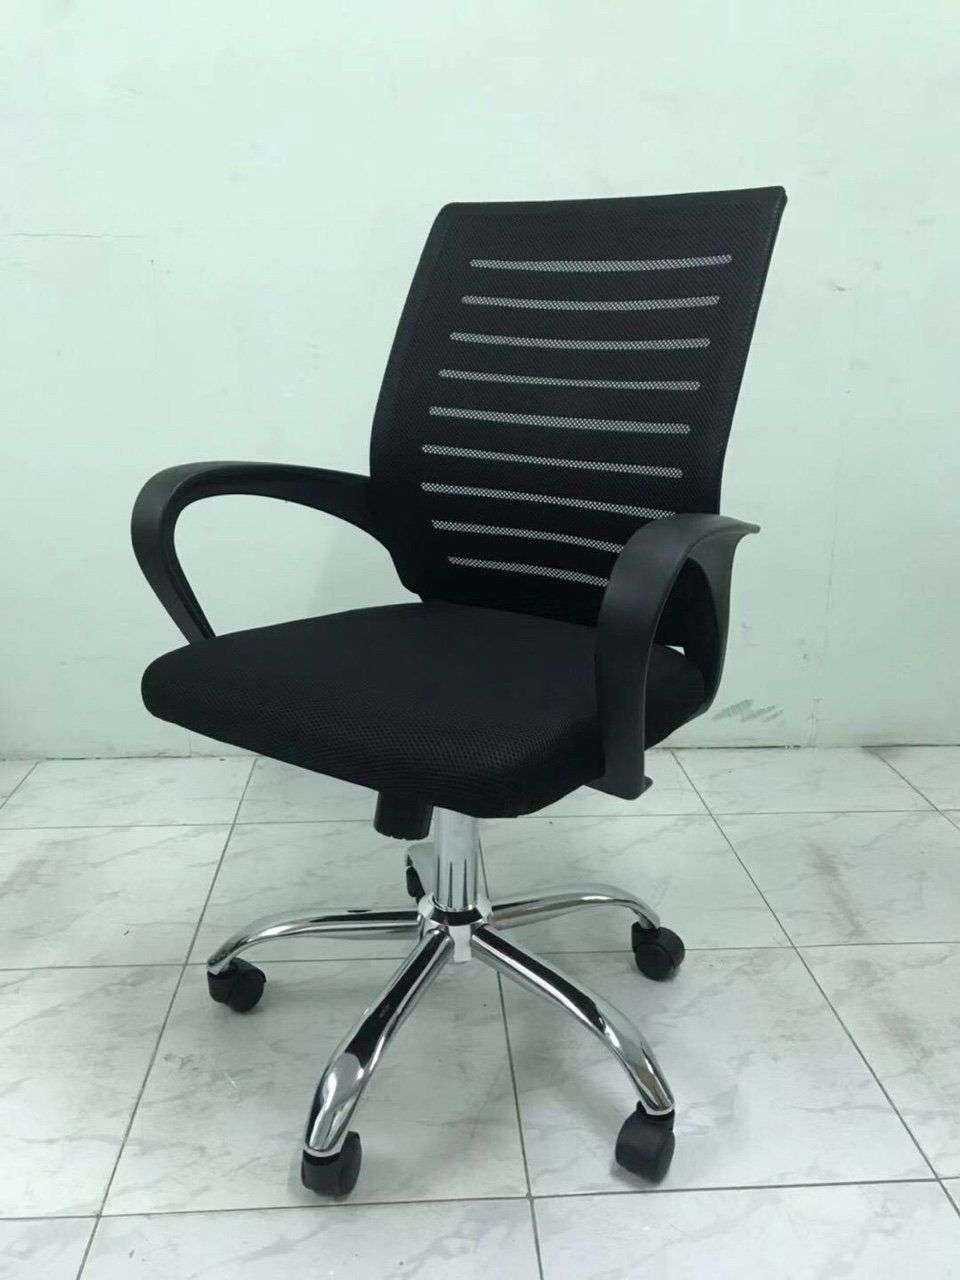 Ghế lưới văn phòng nhập khẩu giá rẻ KG – 1058